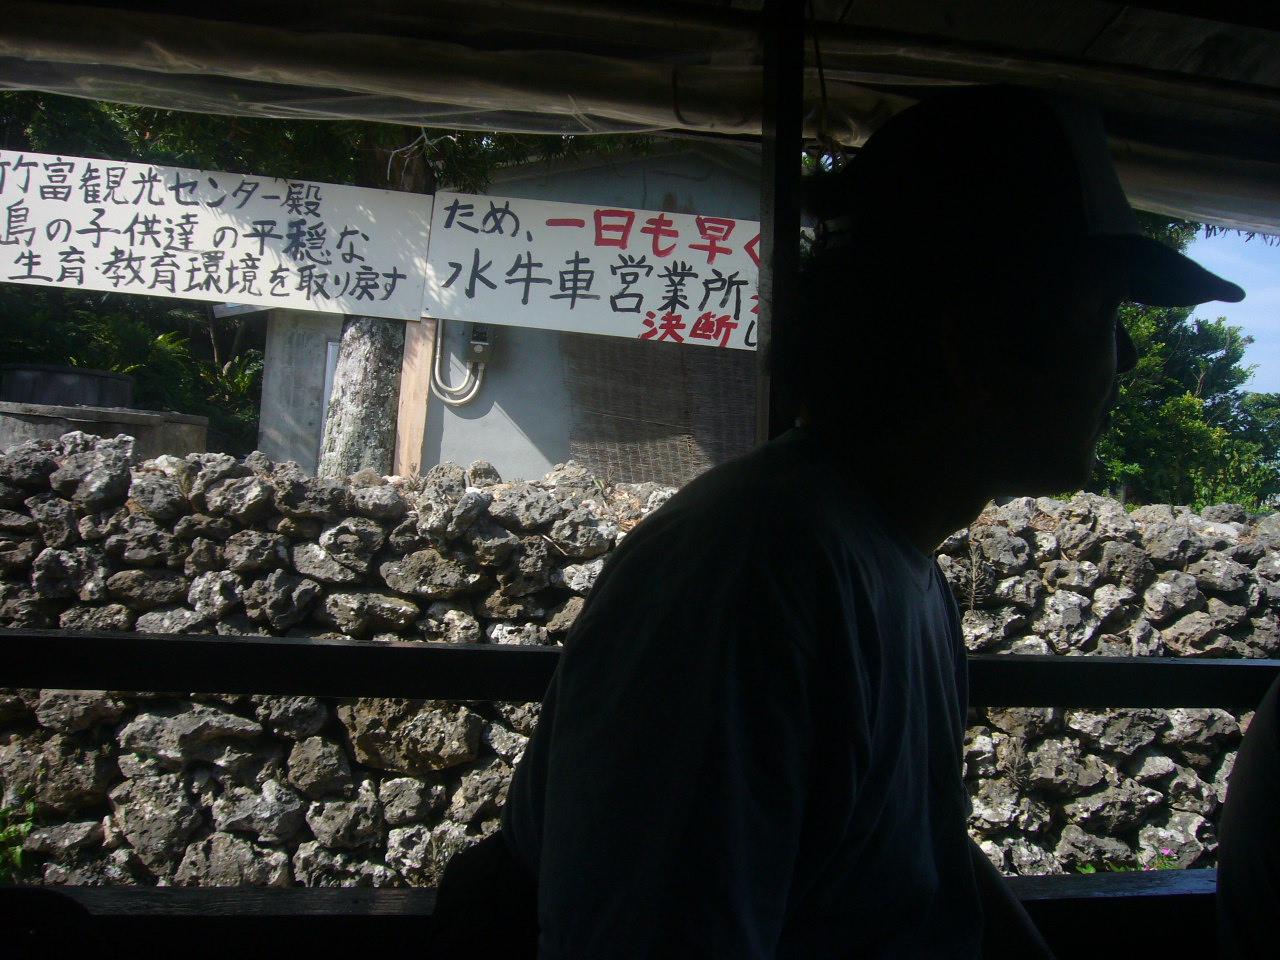 竹富島水牛車から H26.6.19撮影